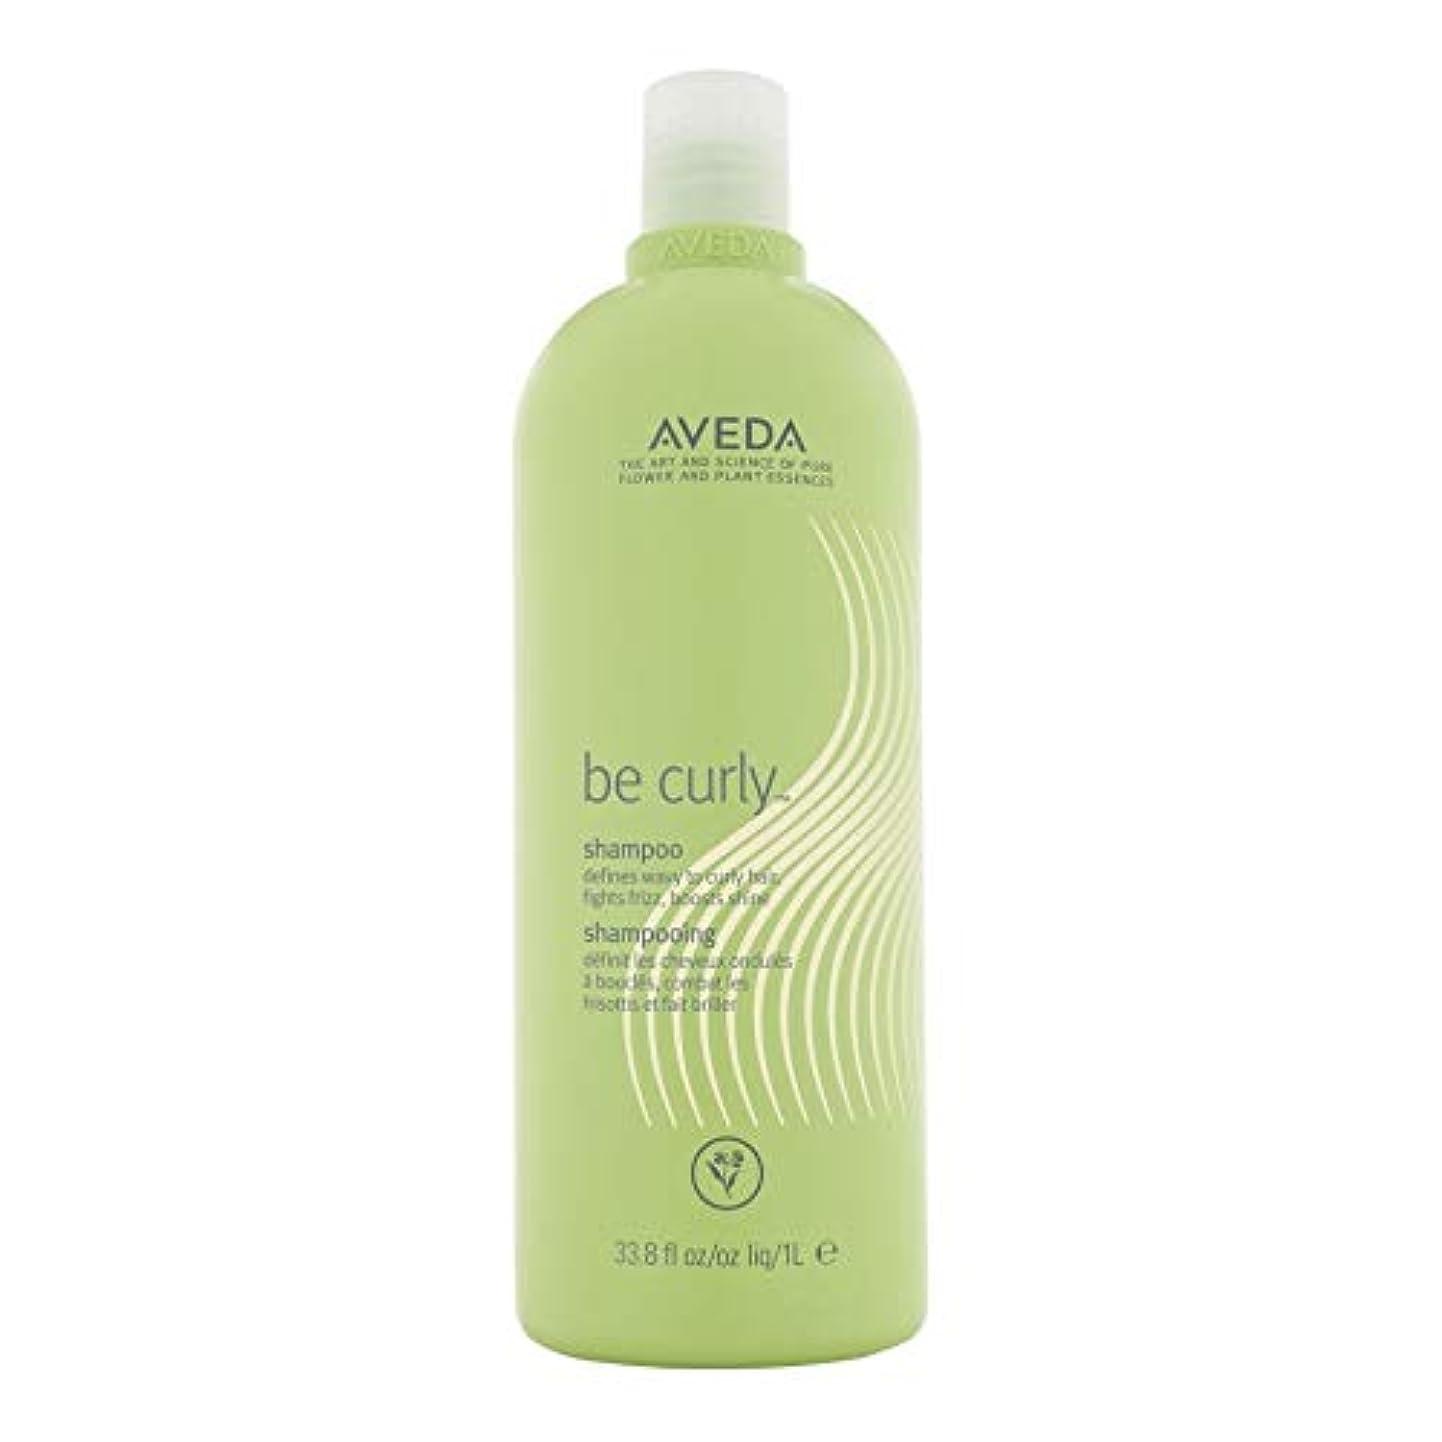 反映する硫黄ふさわしい[AVEDA ] アヴェダカーリーシャンプー1リットルなります - Aveda Be Curly Shampoo 1L [並行輸入品]